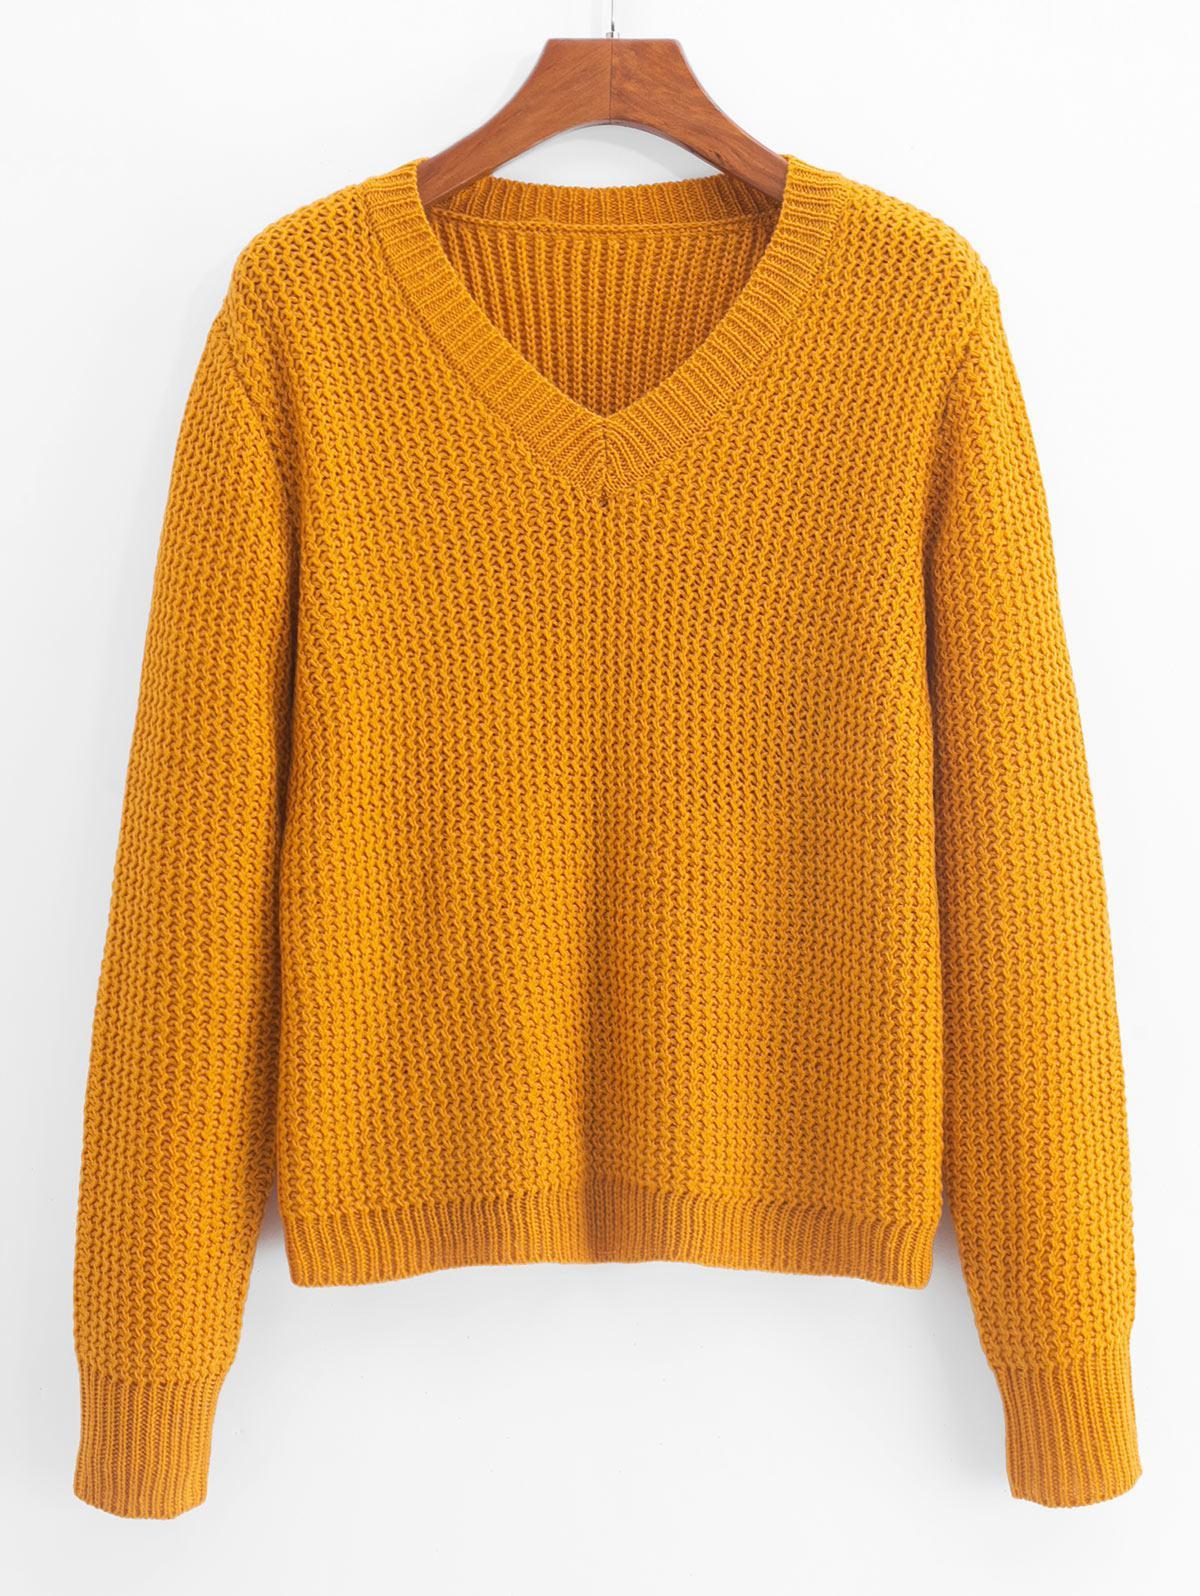 ZAFUL Plain V Neck Zigzag Knit Sweater